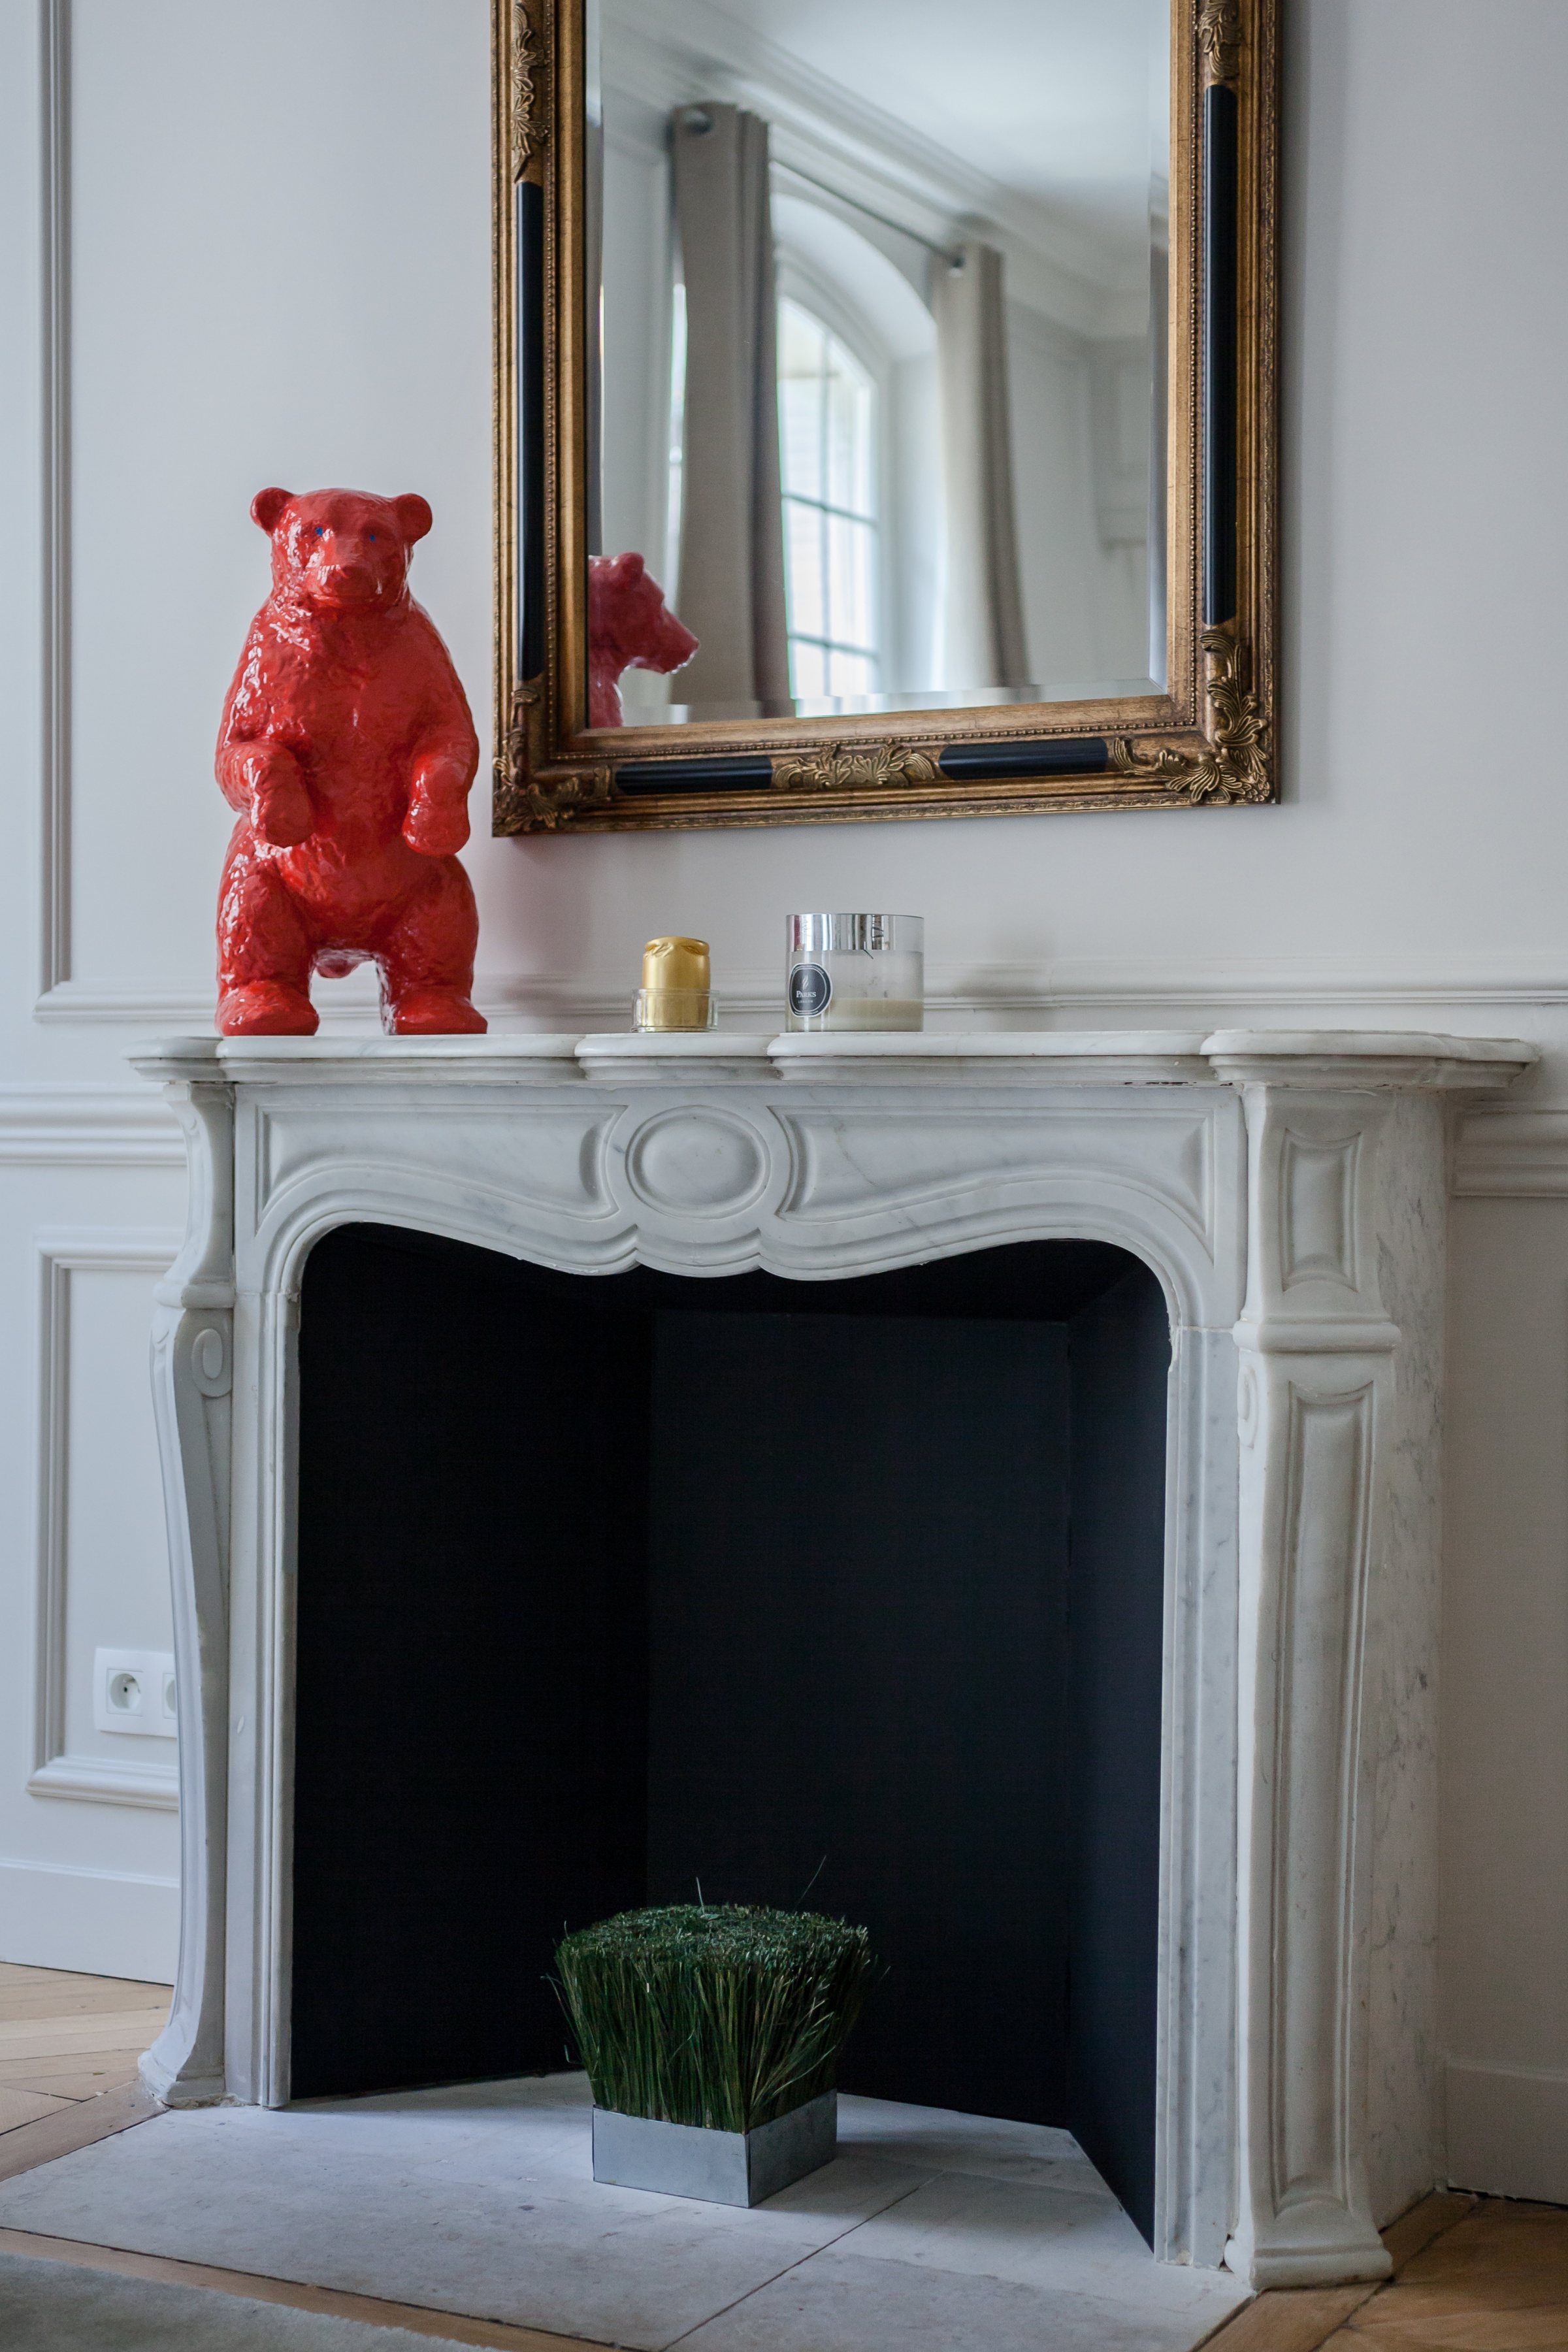 гостиная камин красный медведь